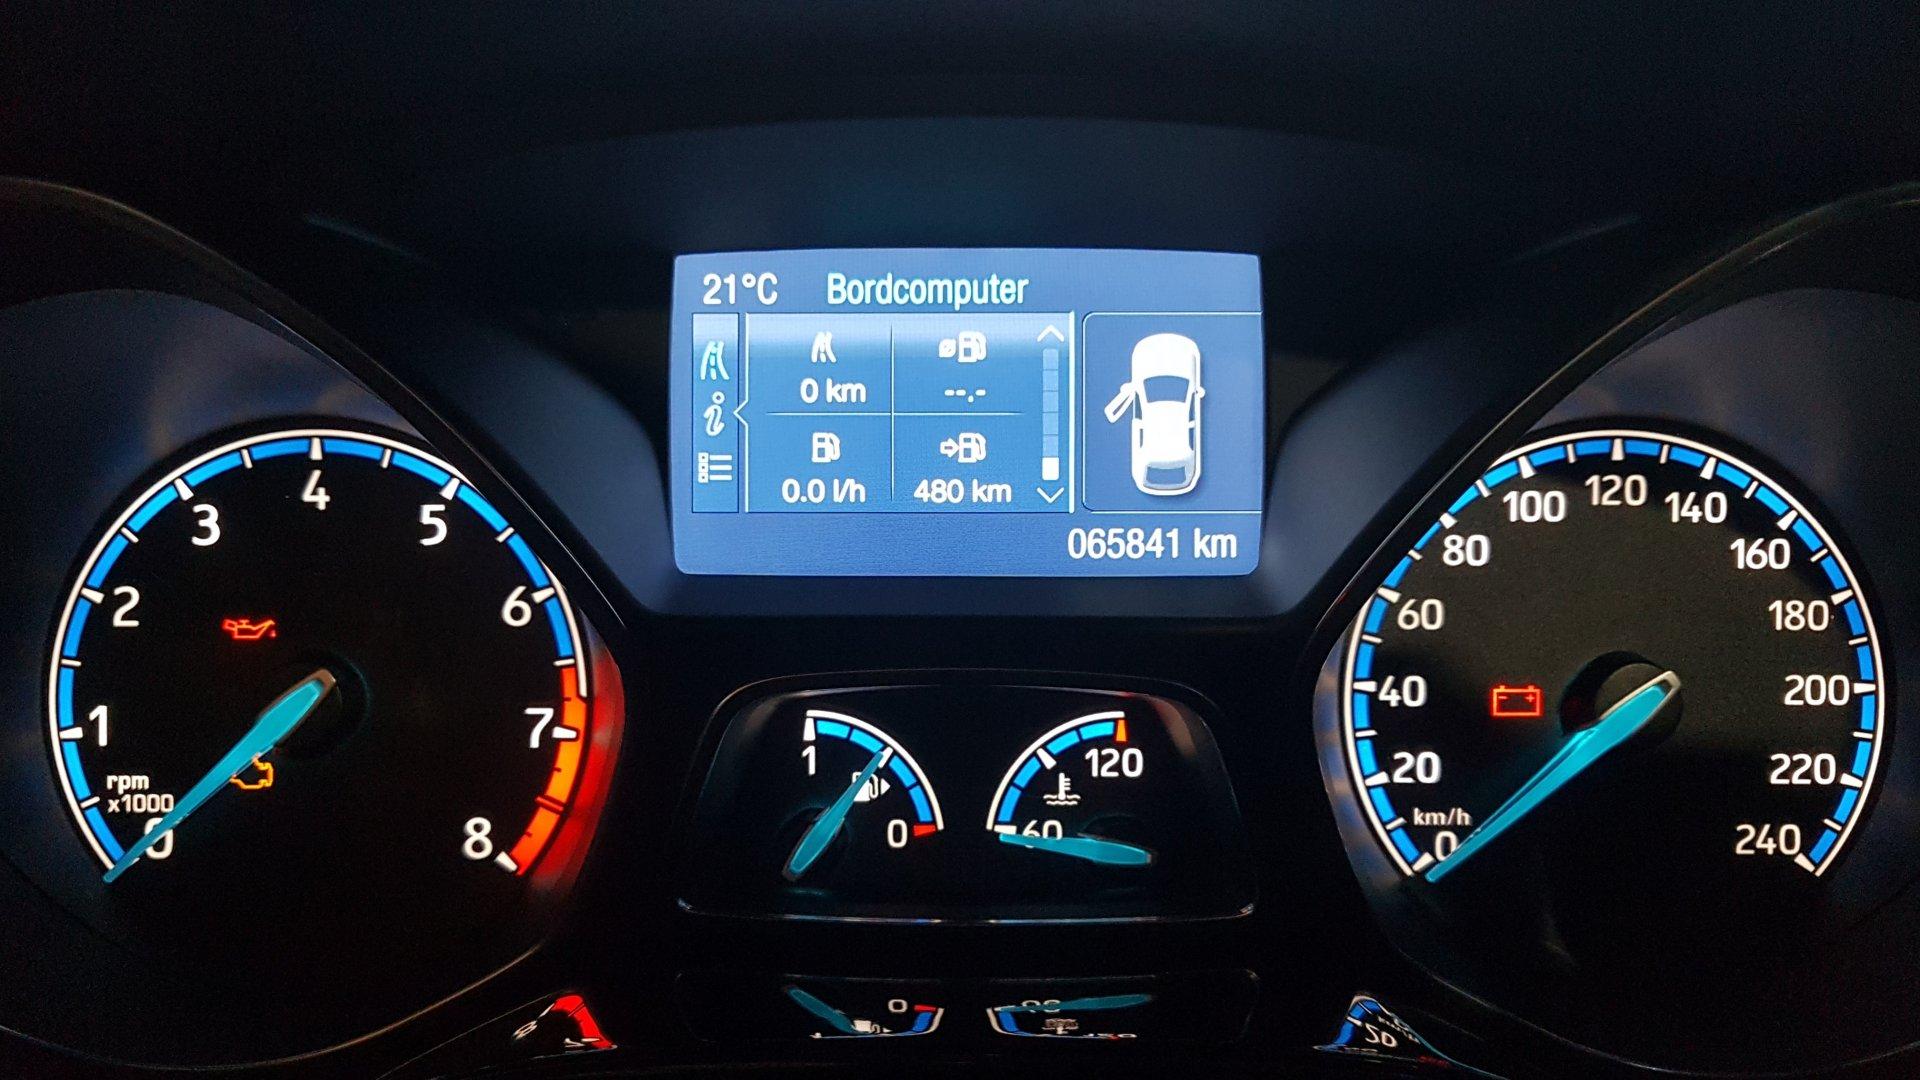 Ford Focus III (2019-04-20) - Tachoscheiben RS-Design (Kreis blau, Zeiger blau).jpg